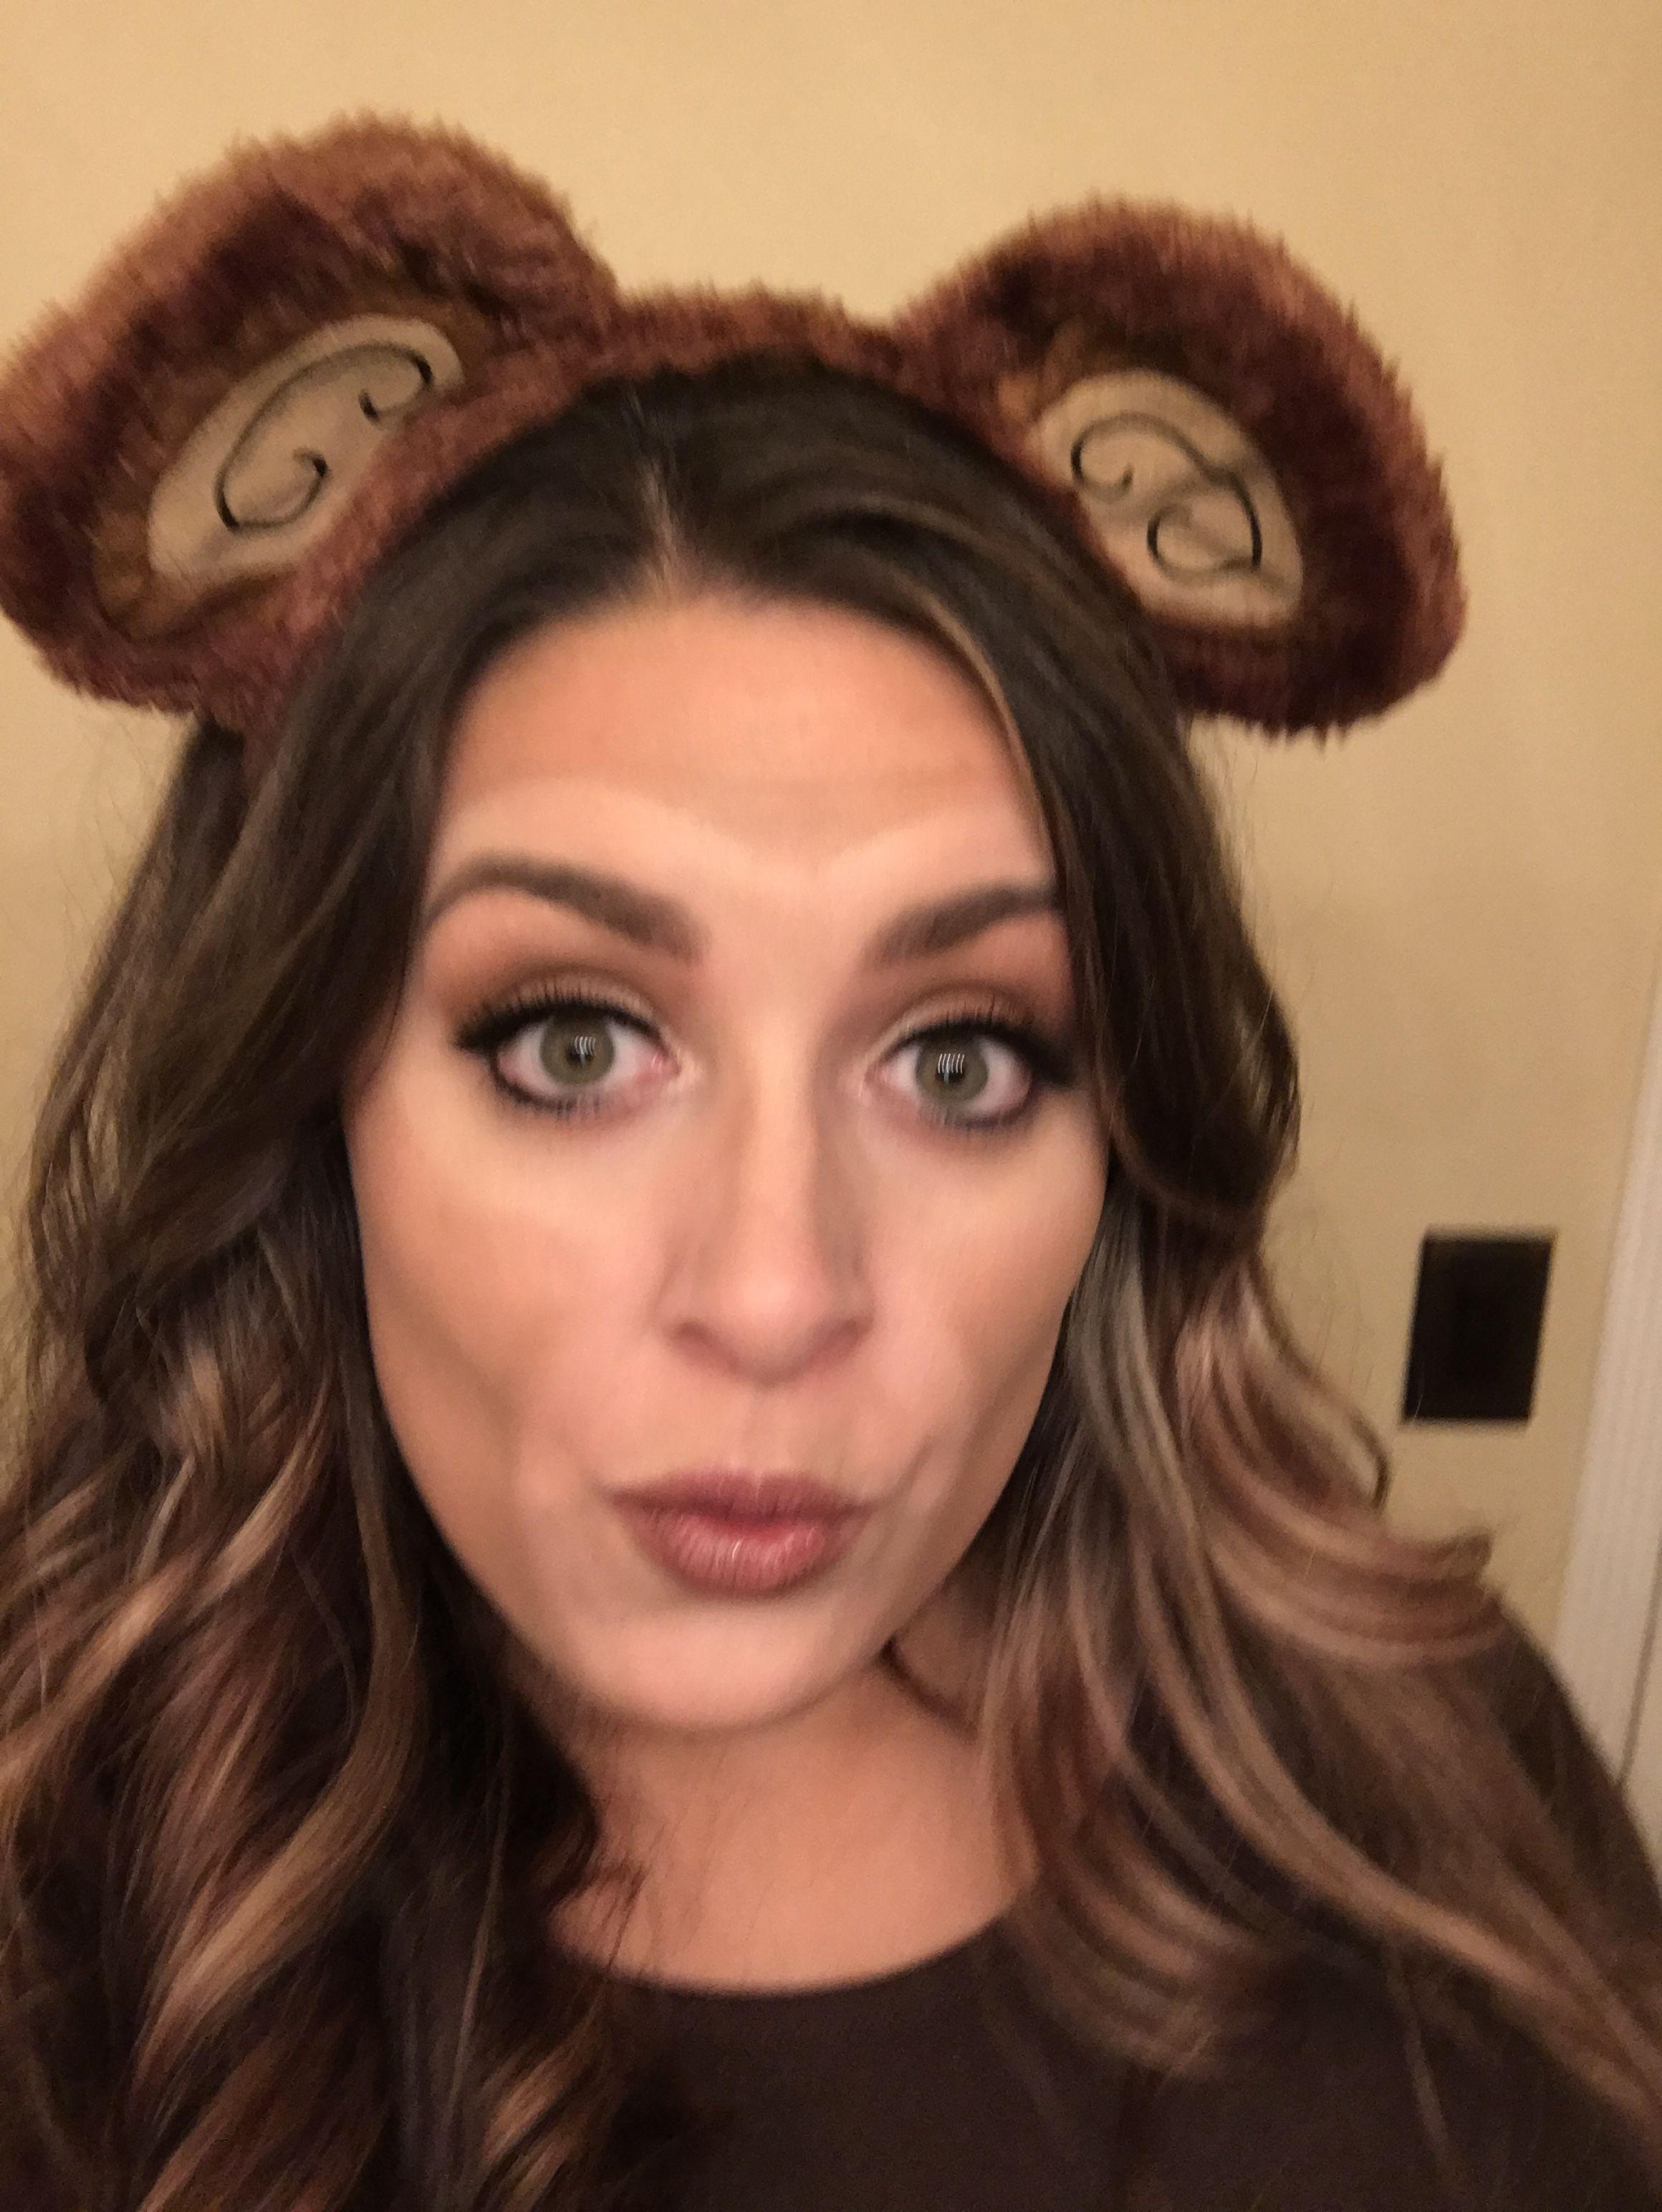 Monkey Halloween Makeup  Halloween In 2019  Diy -7623